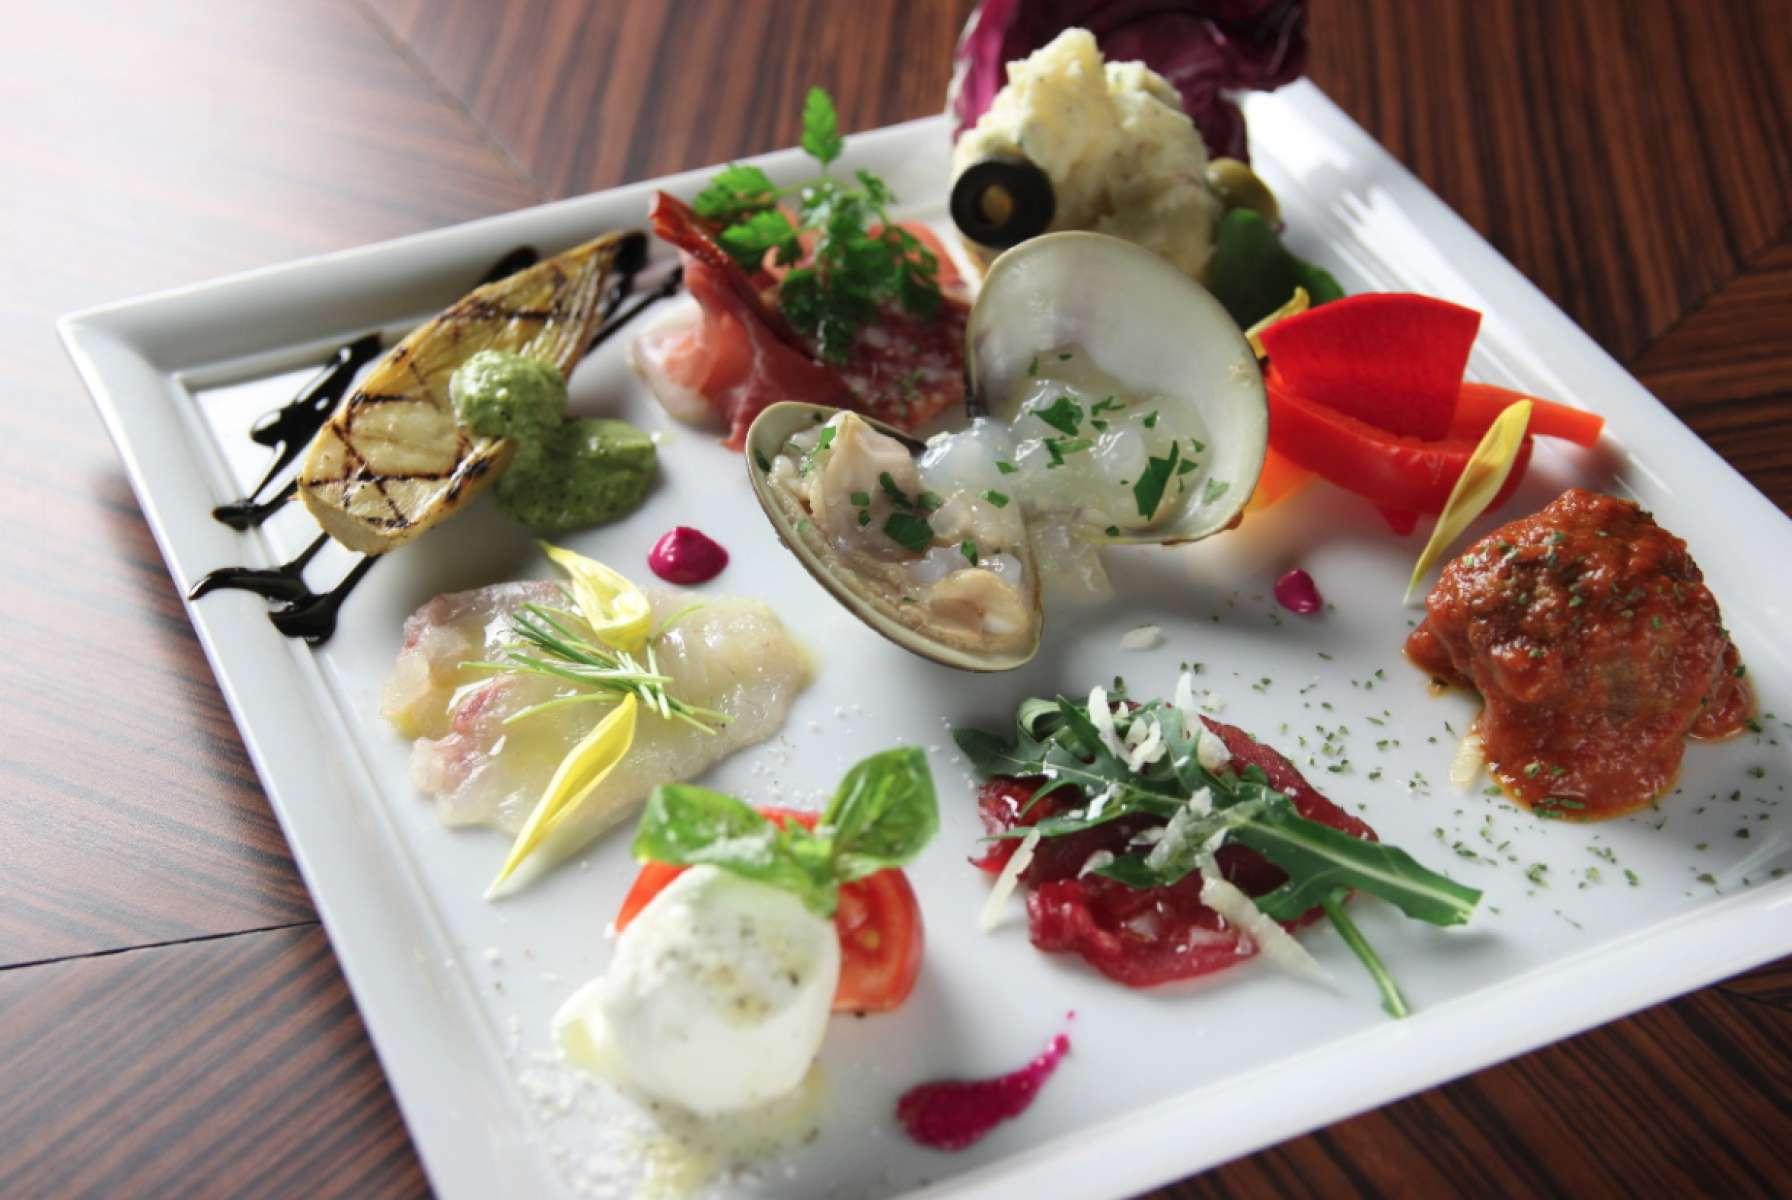 看板料理 当店こだわりの逸品  贅を尽くした食材で創出するイタリアンの世界。 一皿一皿にスタイルのある、エレガントなメニューをご堪能いただける特別コースです。